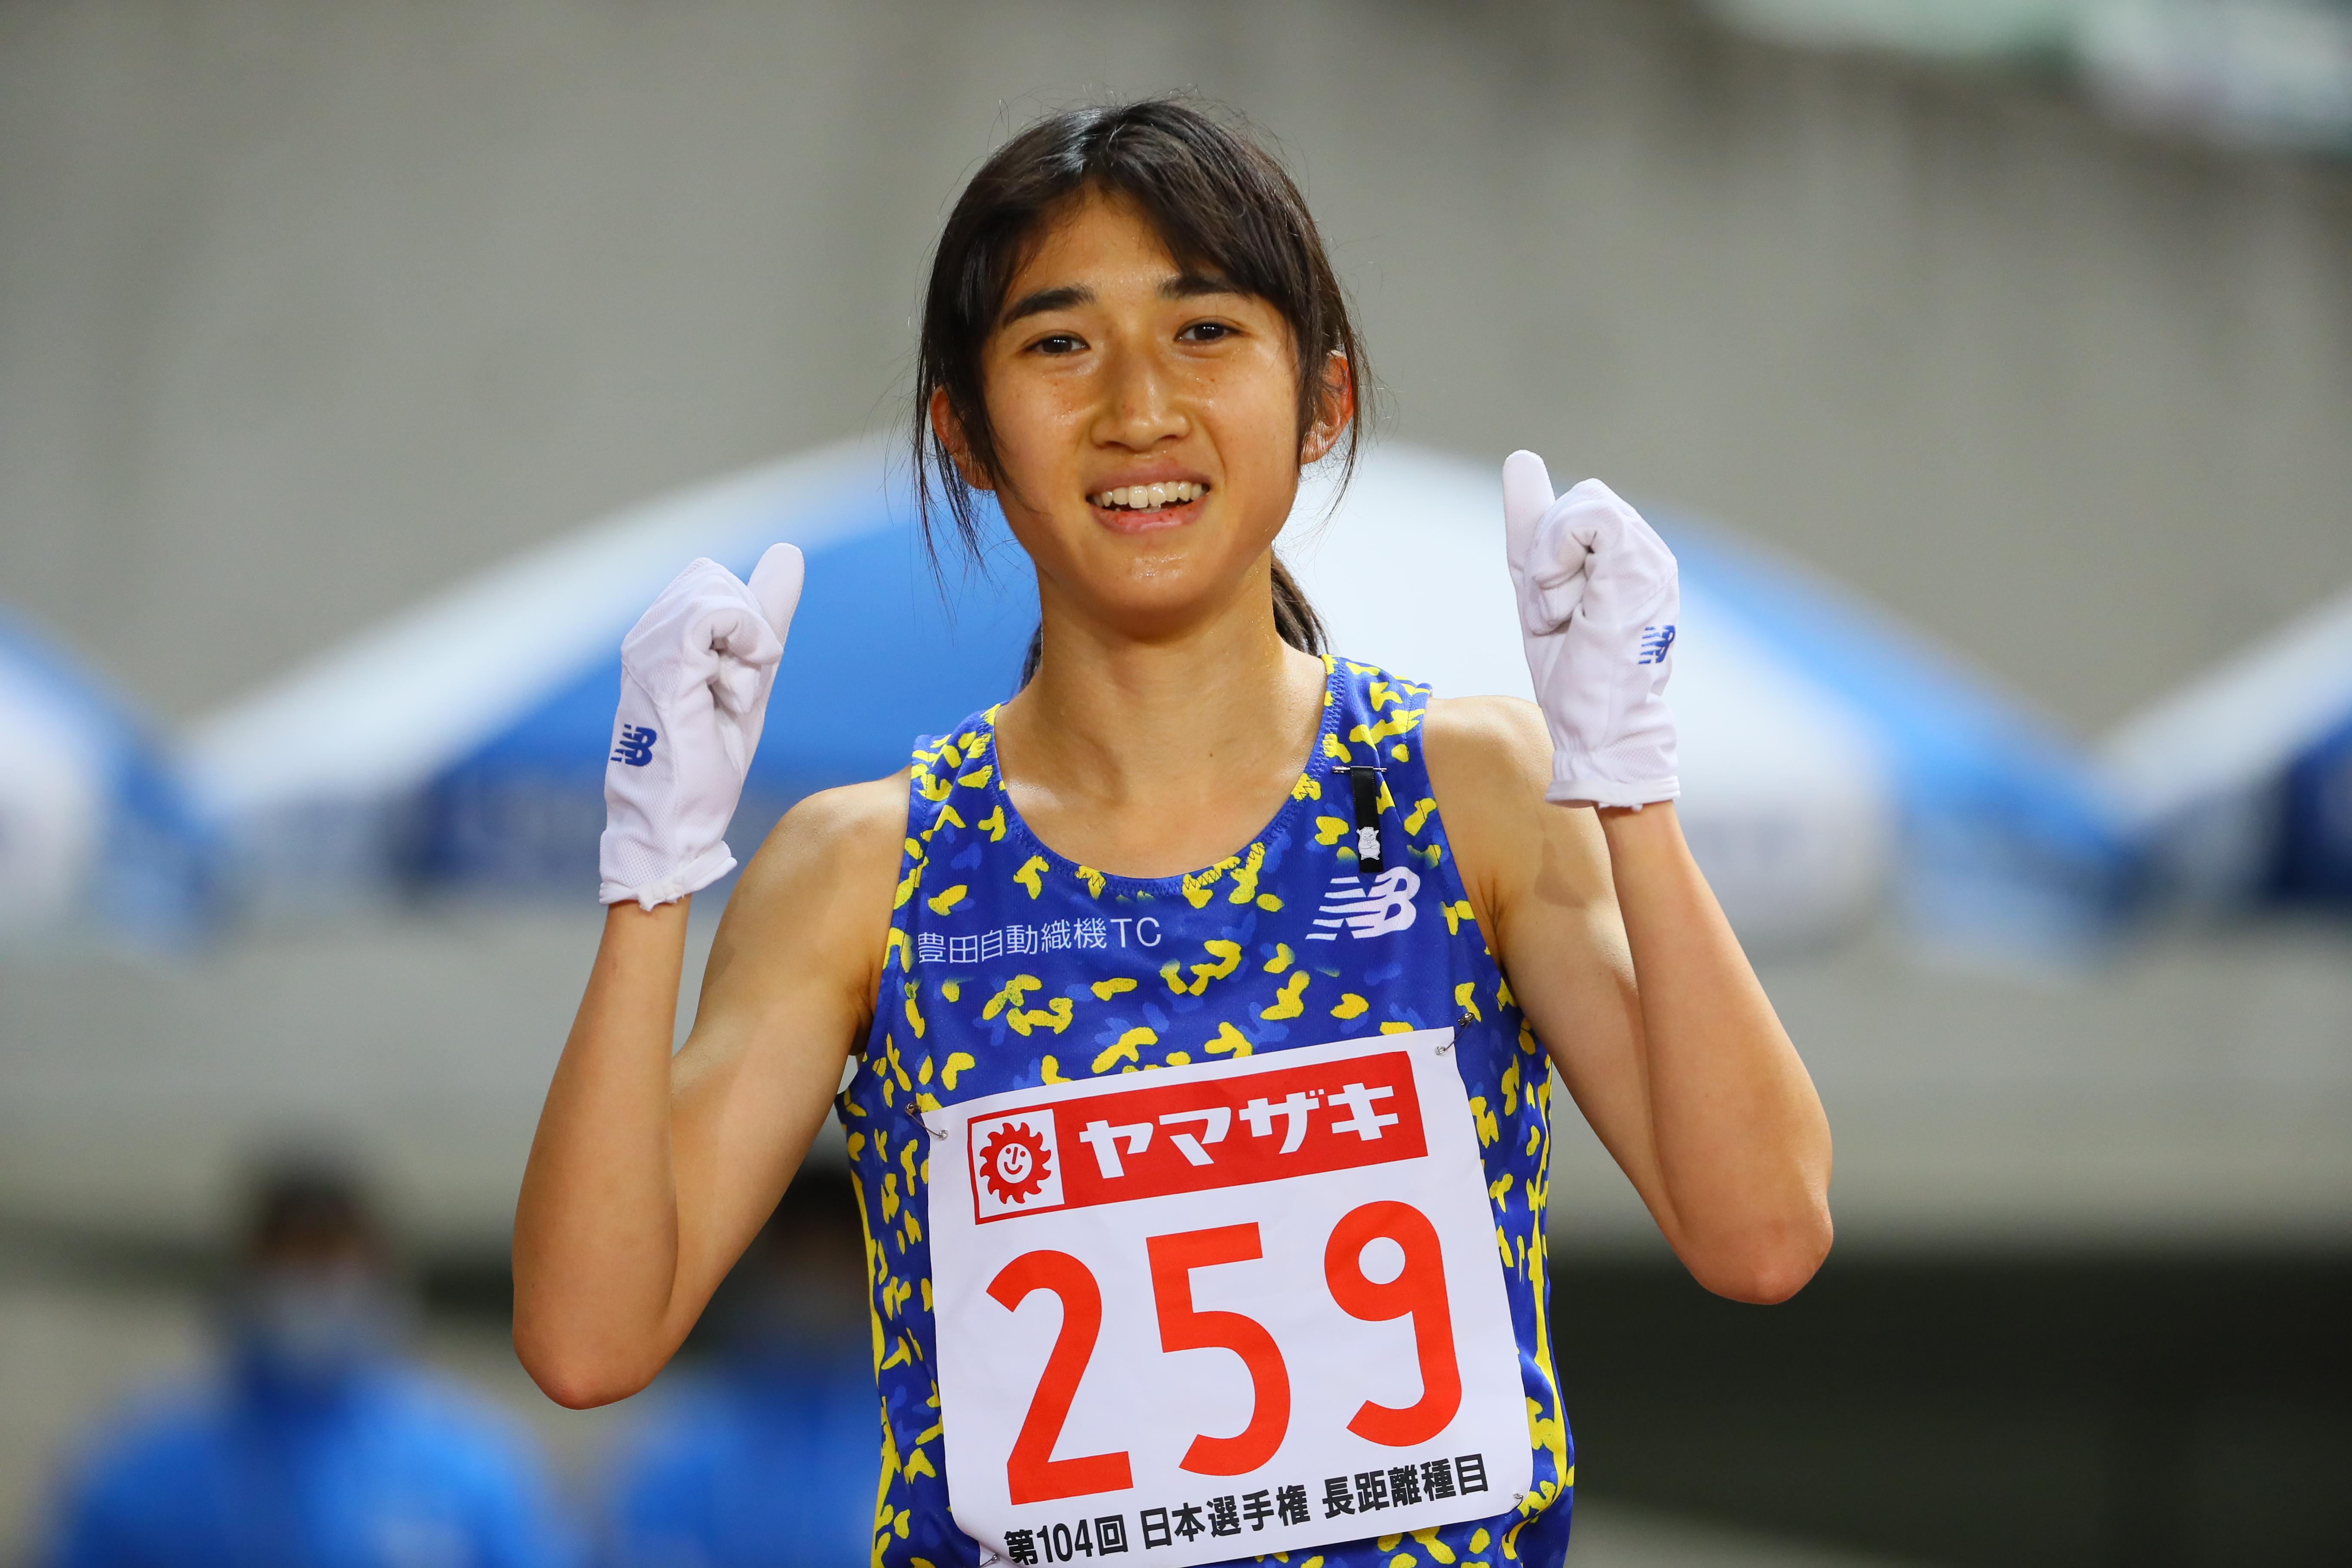 陸上】東京五輪女子5000m代表、田中希実が抱えていた選考会までの葛藤 ...